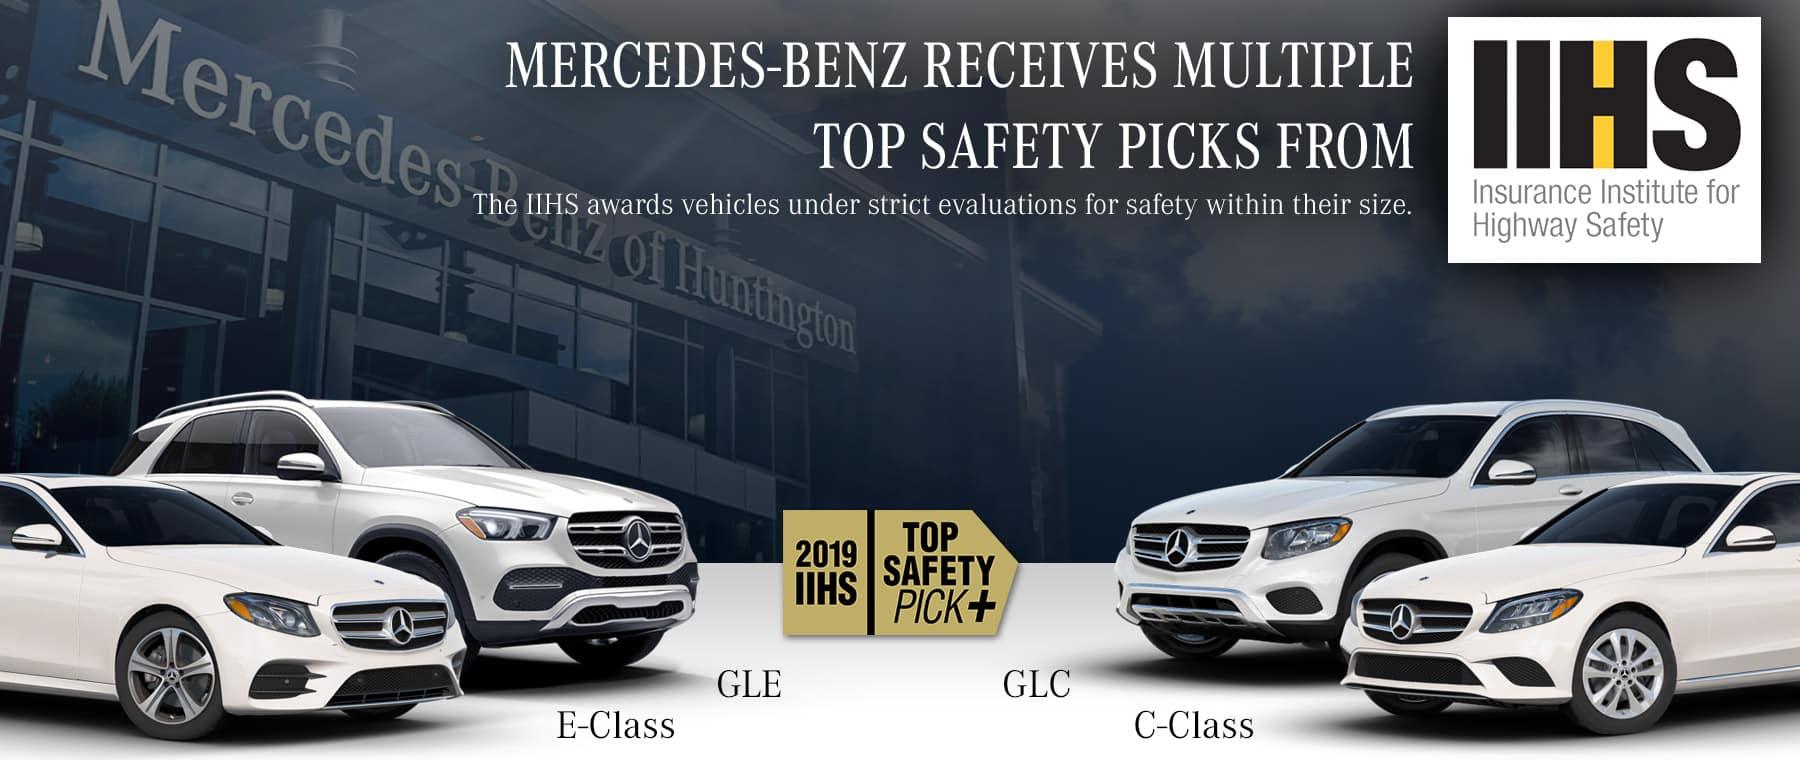 Mercedes Benz Of North Haven Reviews Car >> Mercedes Benz Of Huntington Mercedes Benz Dealer In Huntington Ny